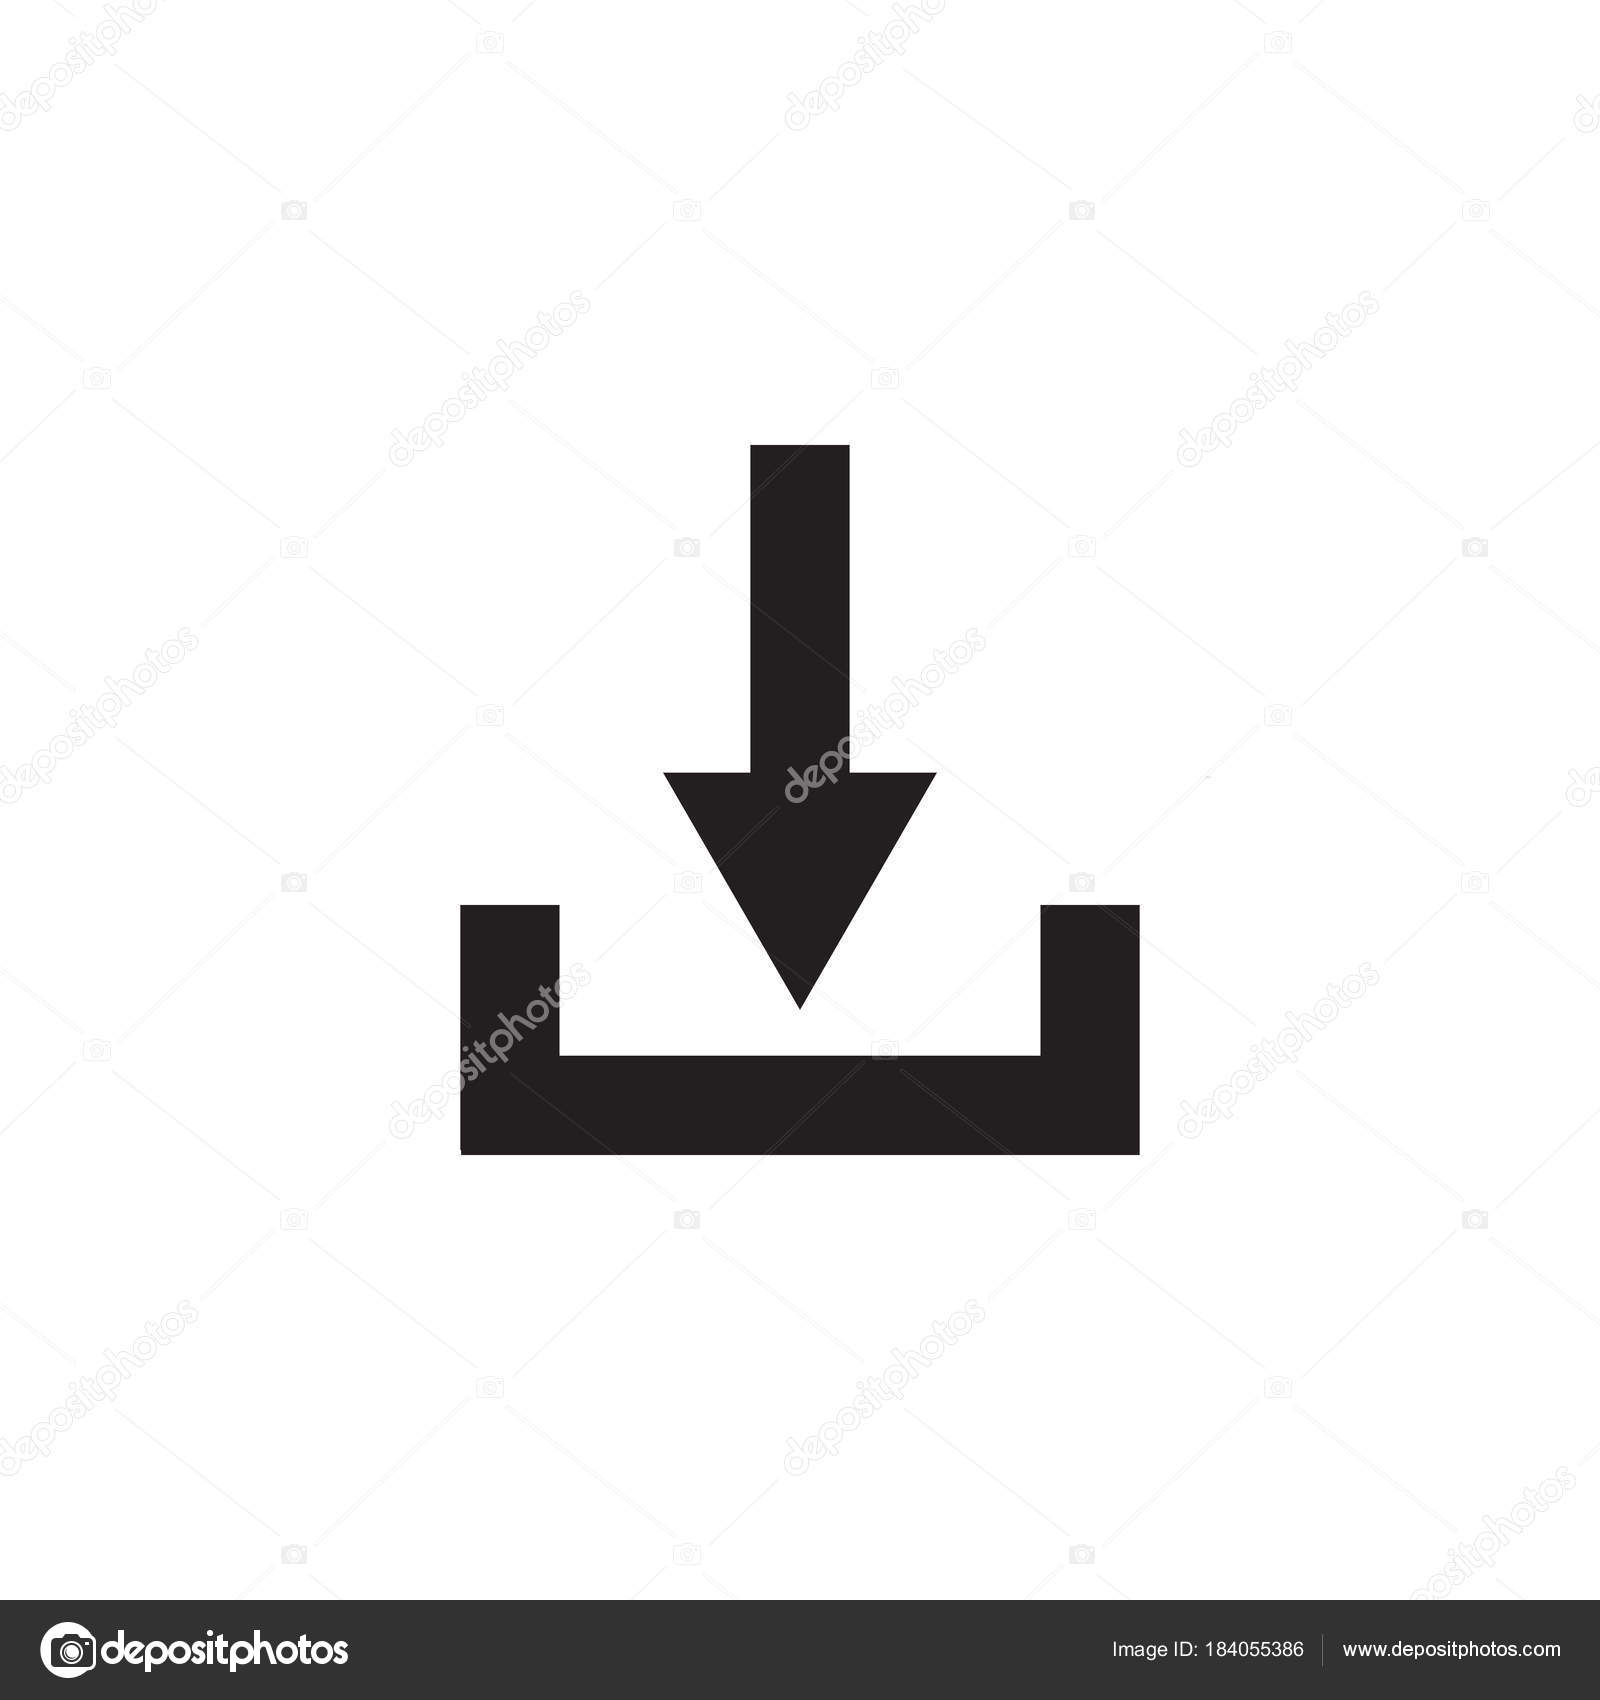 baf33e2e766 Stáhnout Ikonu Vektorové Ploché Styl Ilustrační Grafiky Web Designu —  Stockový vektor